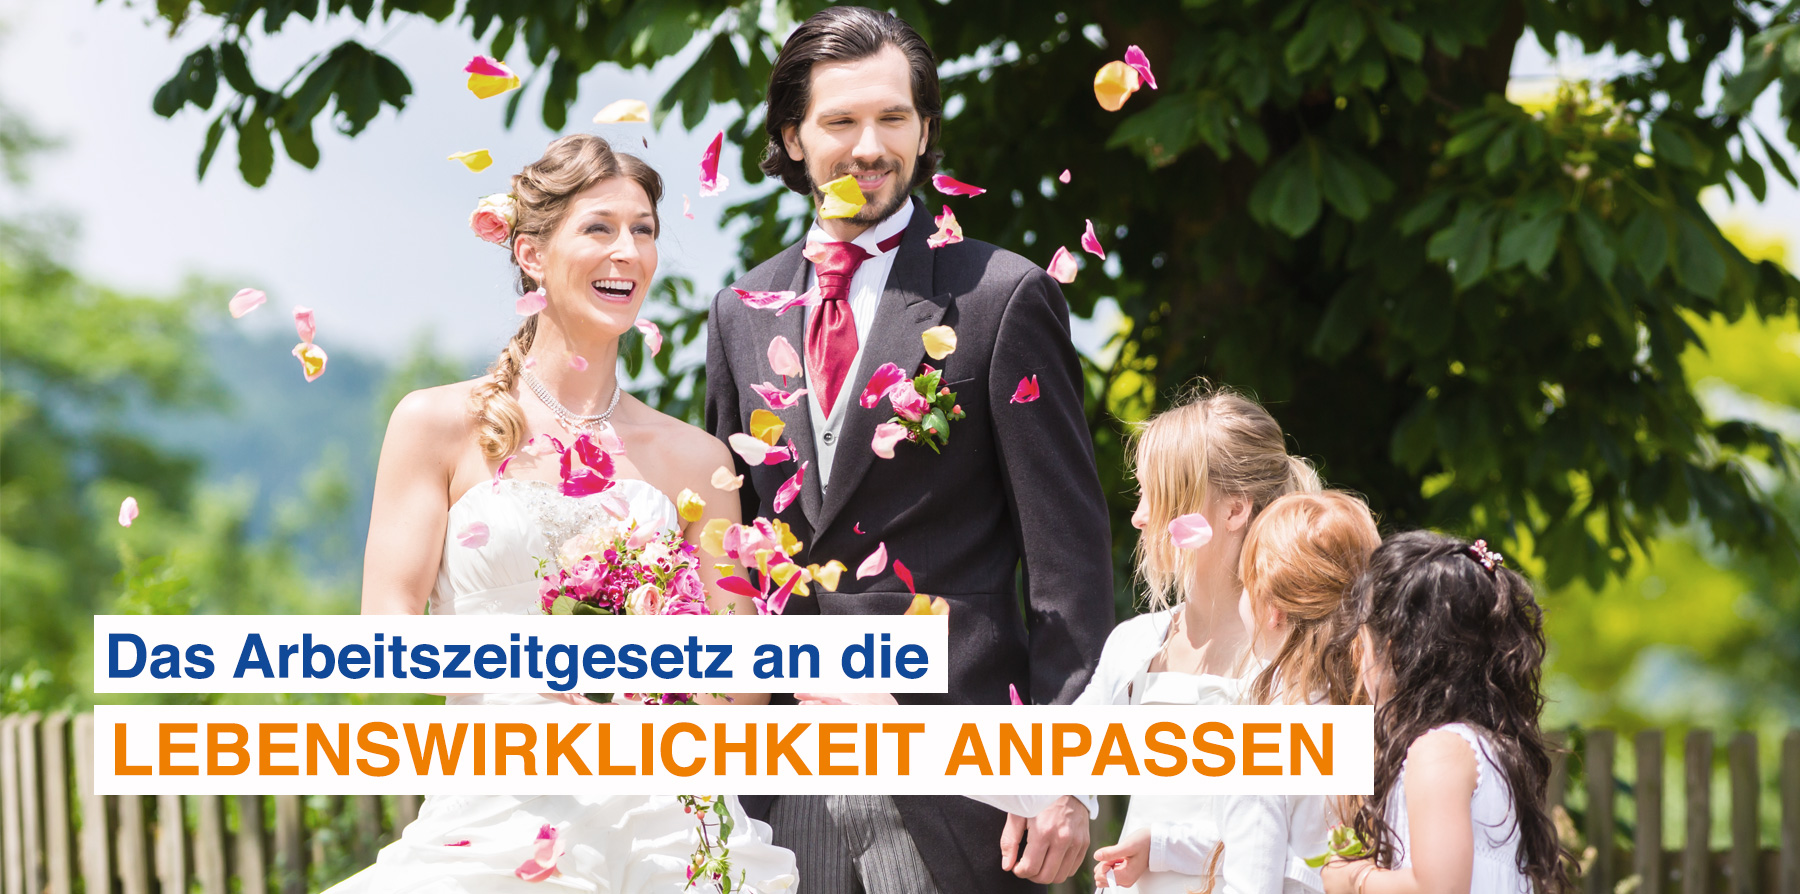 DEHOGA Bundesverband, Argumente - Hochzeitspaar